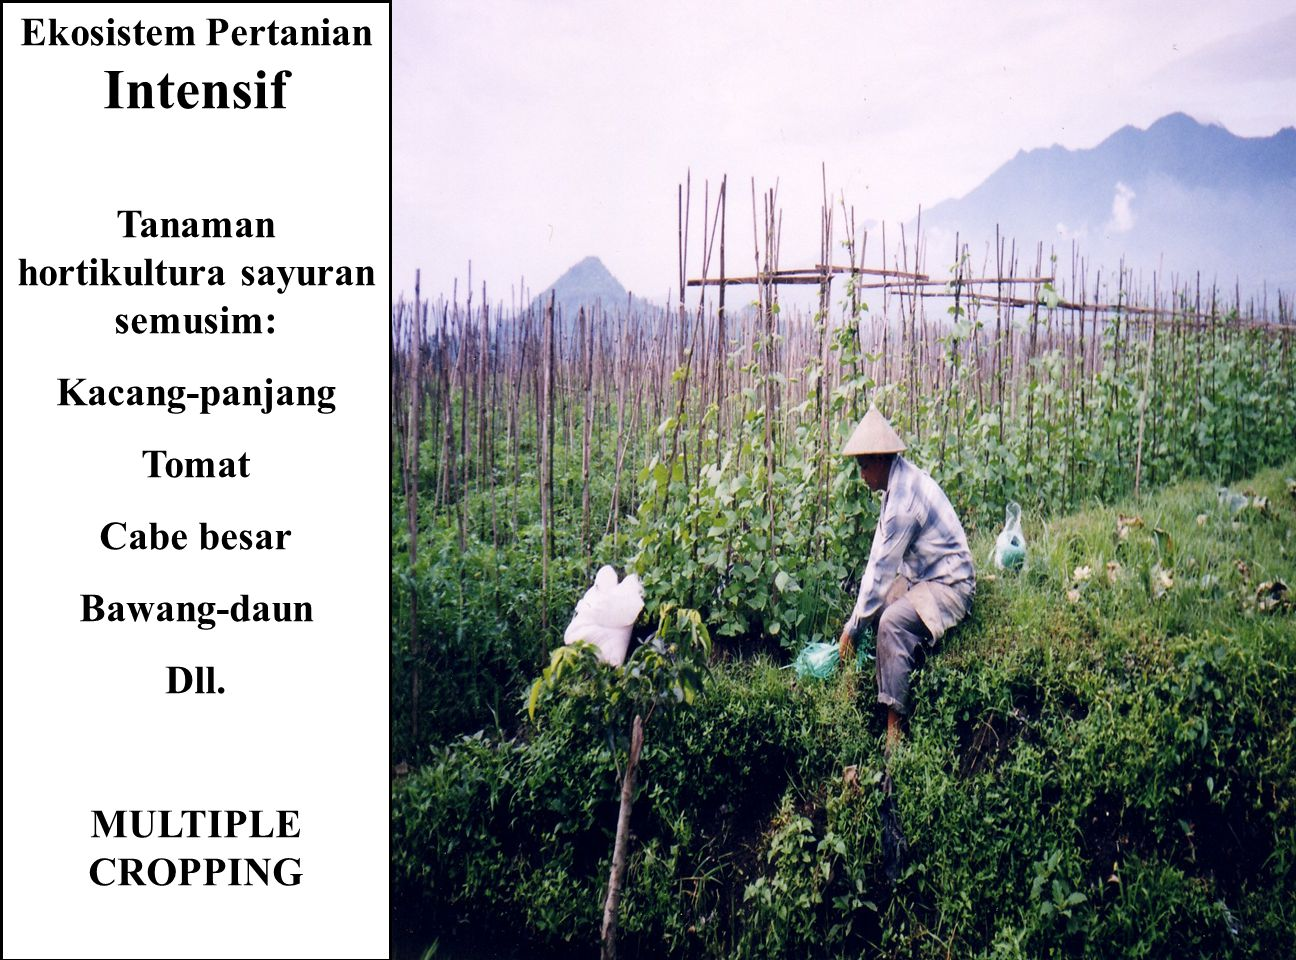 Ekosistem Pertanian Intensif Tanaman hortikultura sayuran semusim: Kacang-panjang Tomat Cabe besar Bawang-daun Dll. MULTIPLE CROPPING